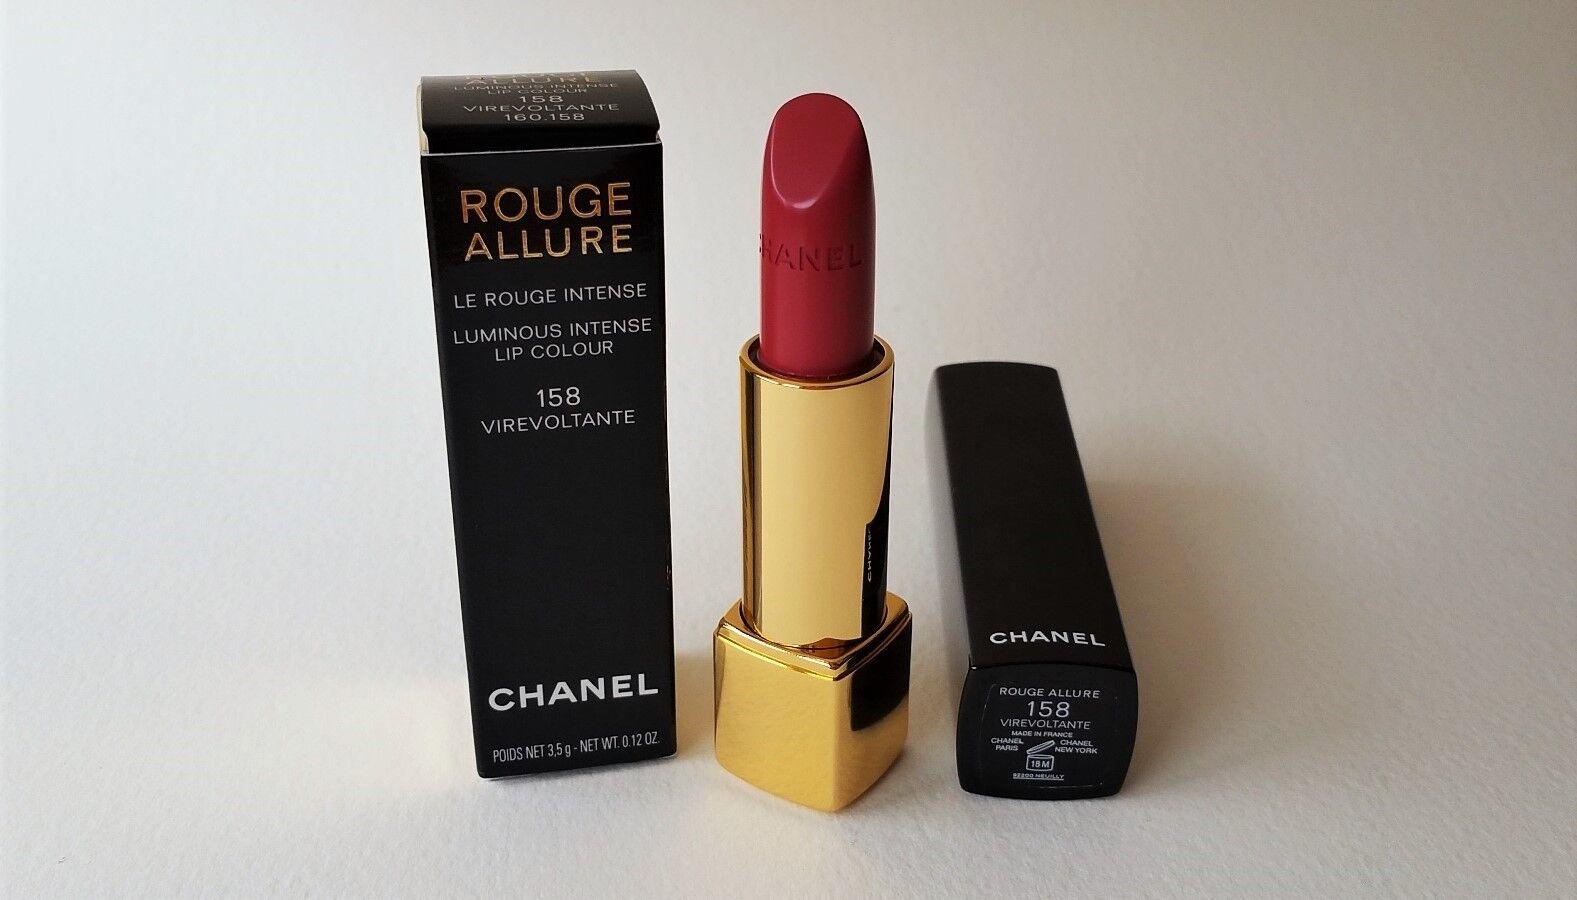 8da3c74c22e CHANEL Rouge Allure Lipstick   158 Virevoltante for sale online